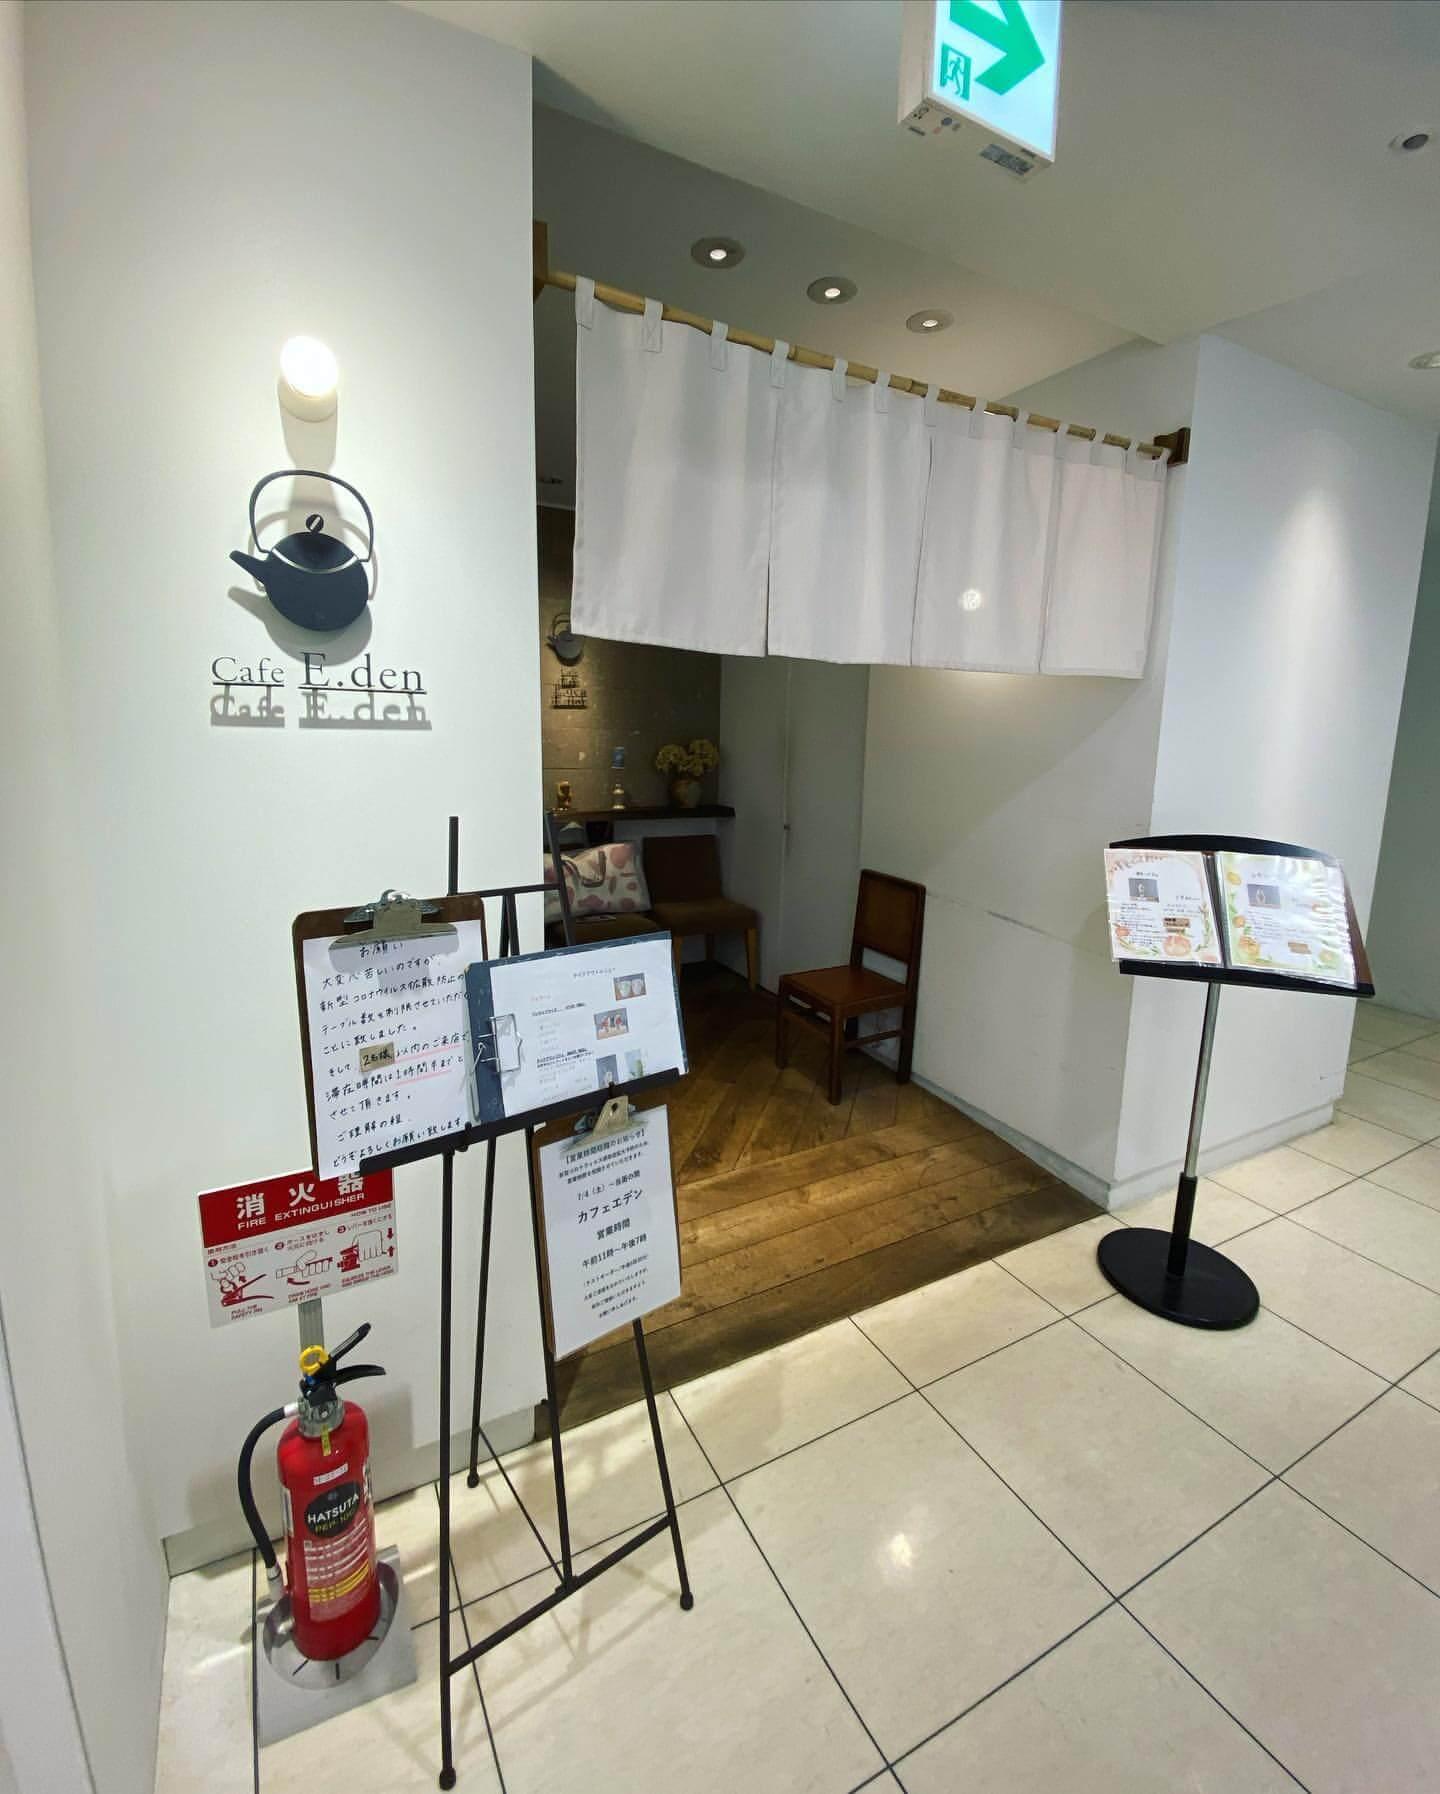 カフェエデン 丸井今井店の外観